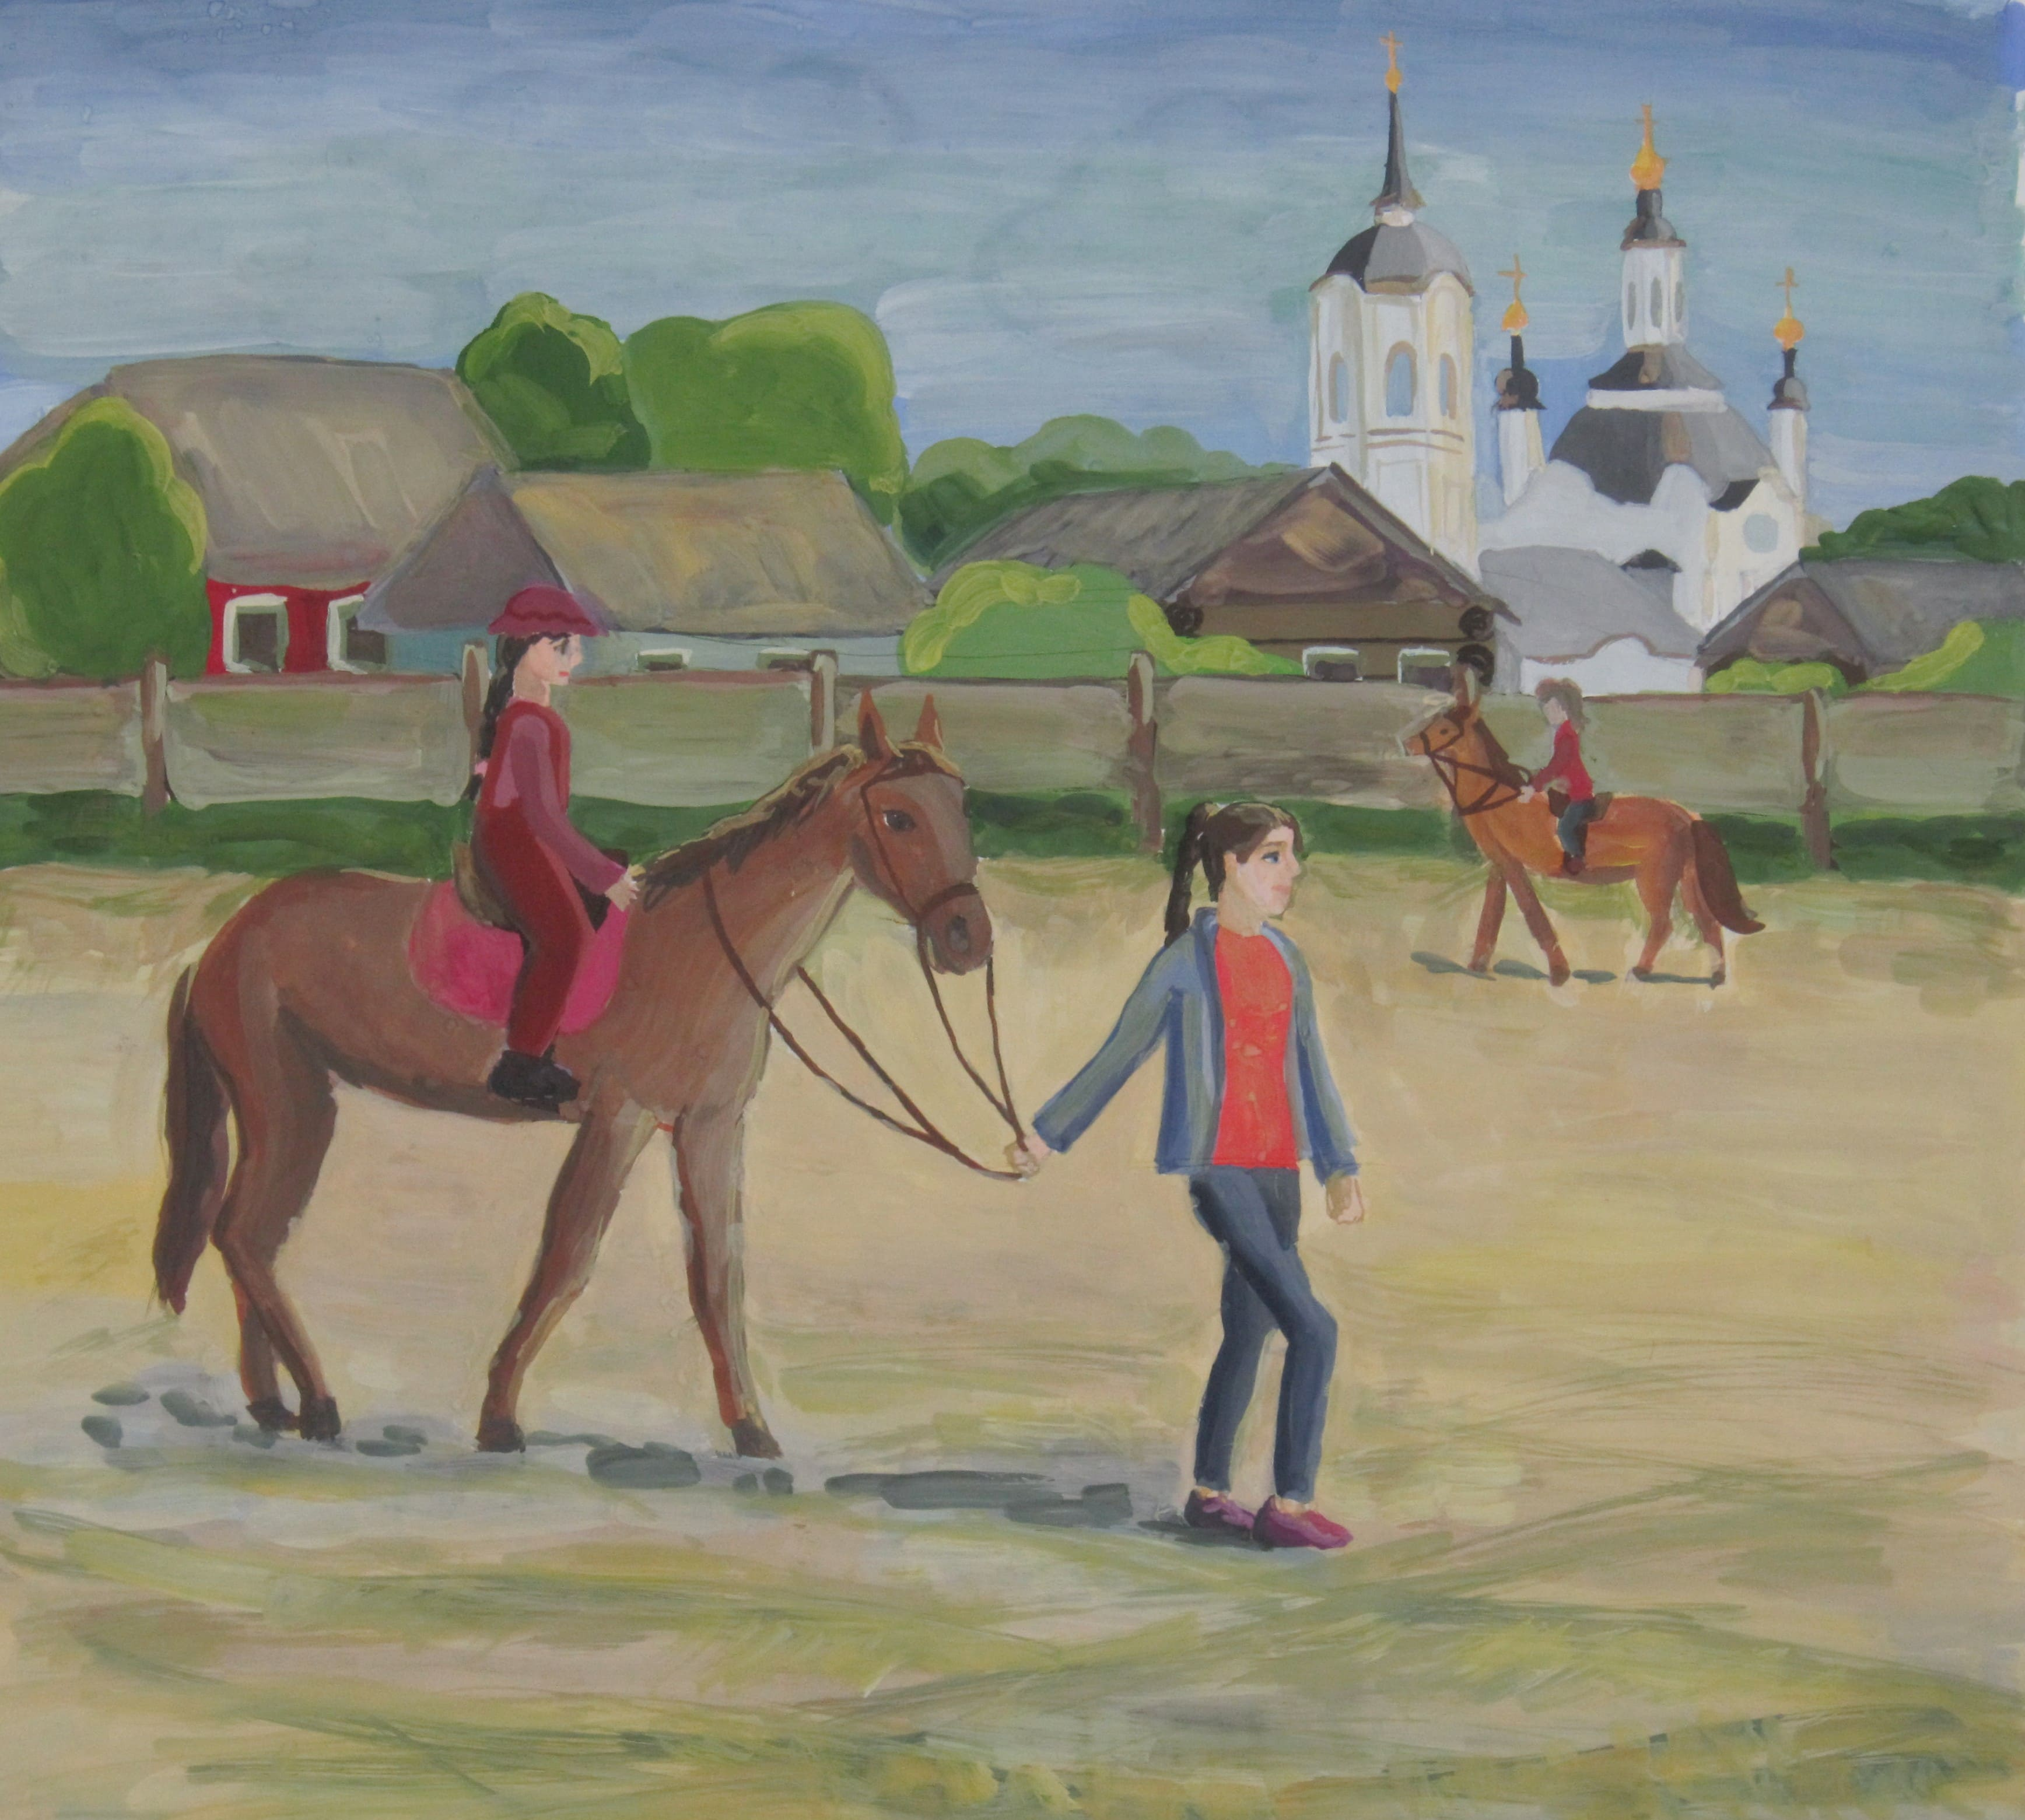 Яковлева Лилия, 12 лет